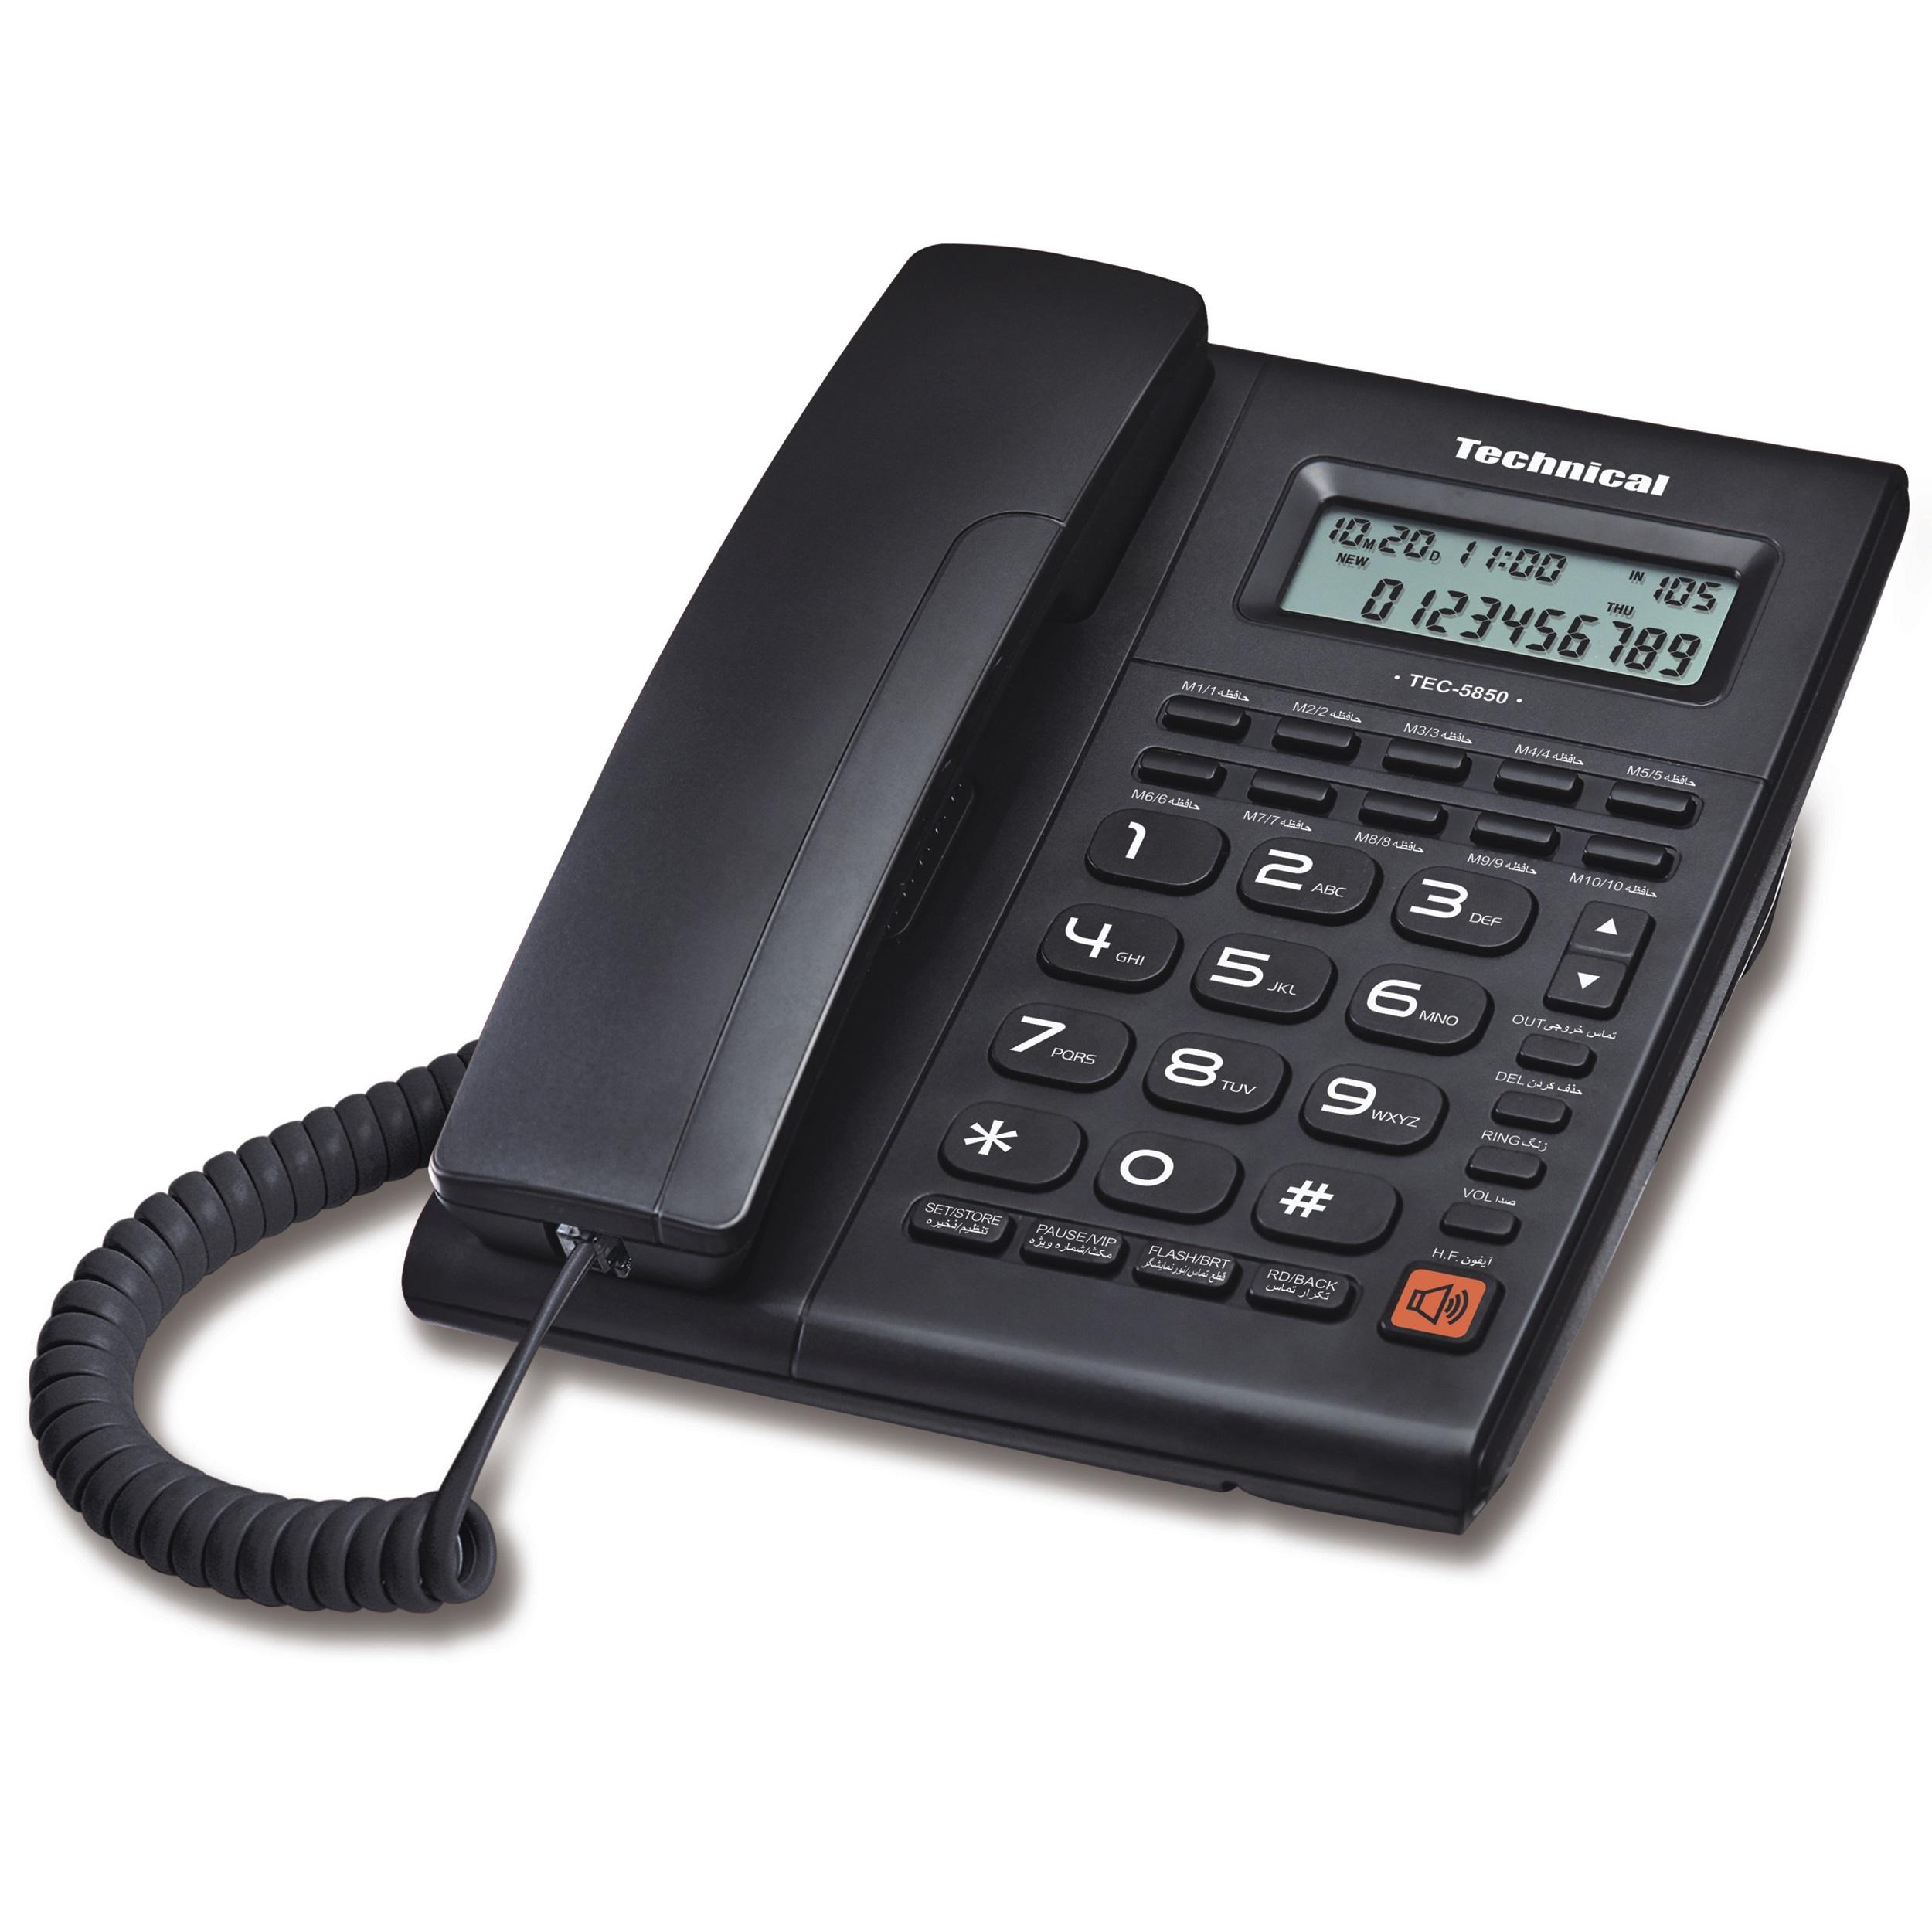 تلفن تکنیکال مدل TEC-5850